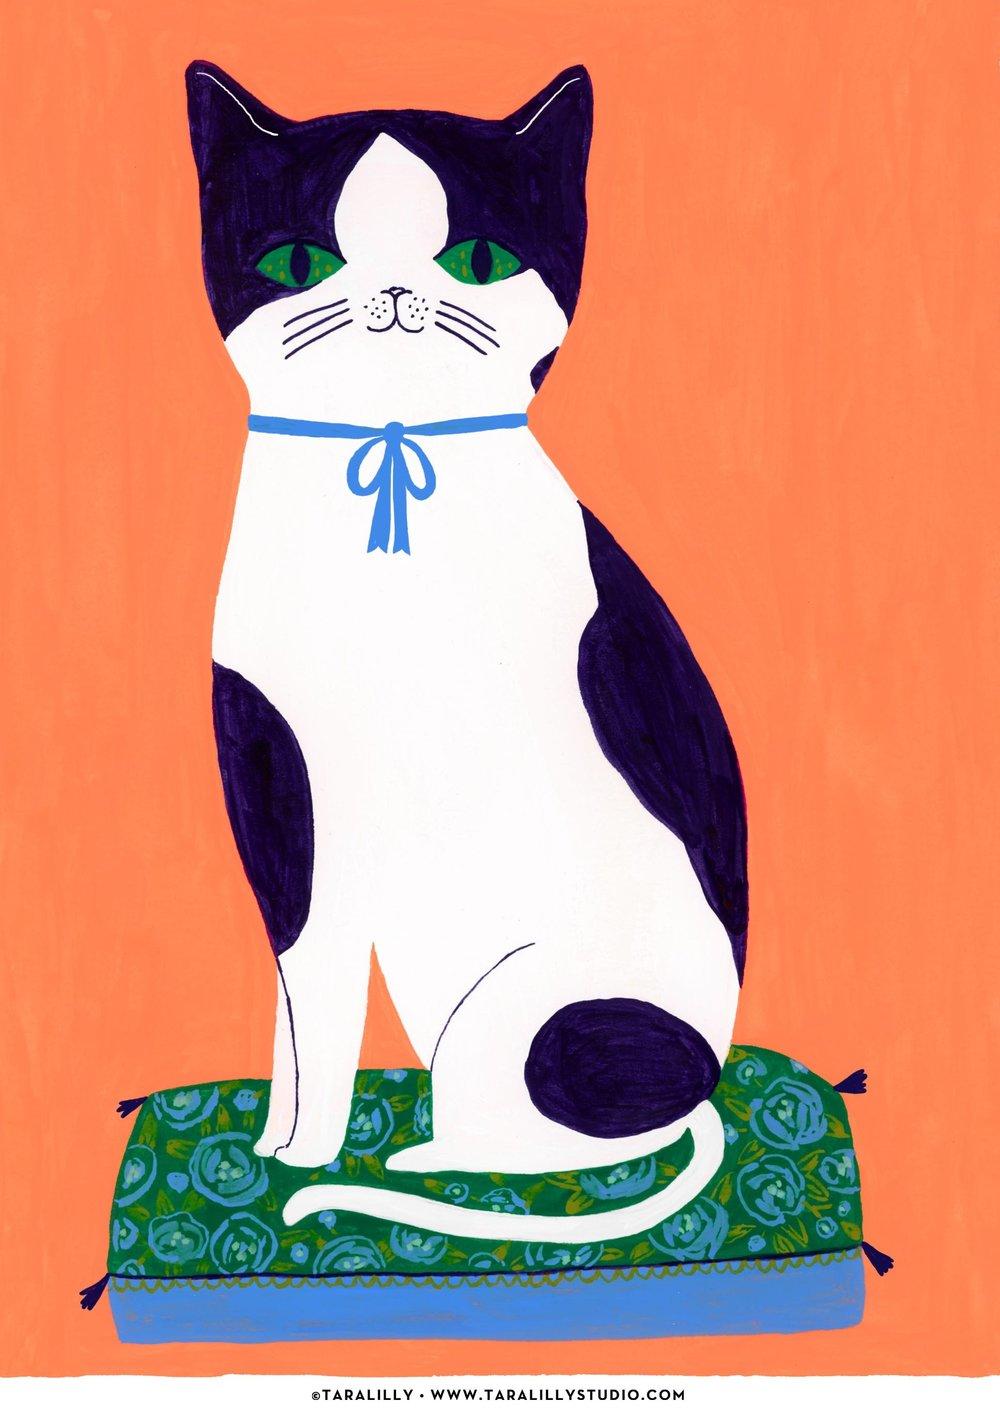 Tara_PP_BW_Kitten.jpg